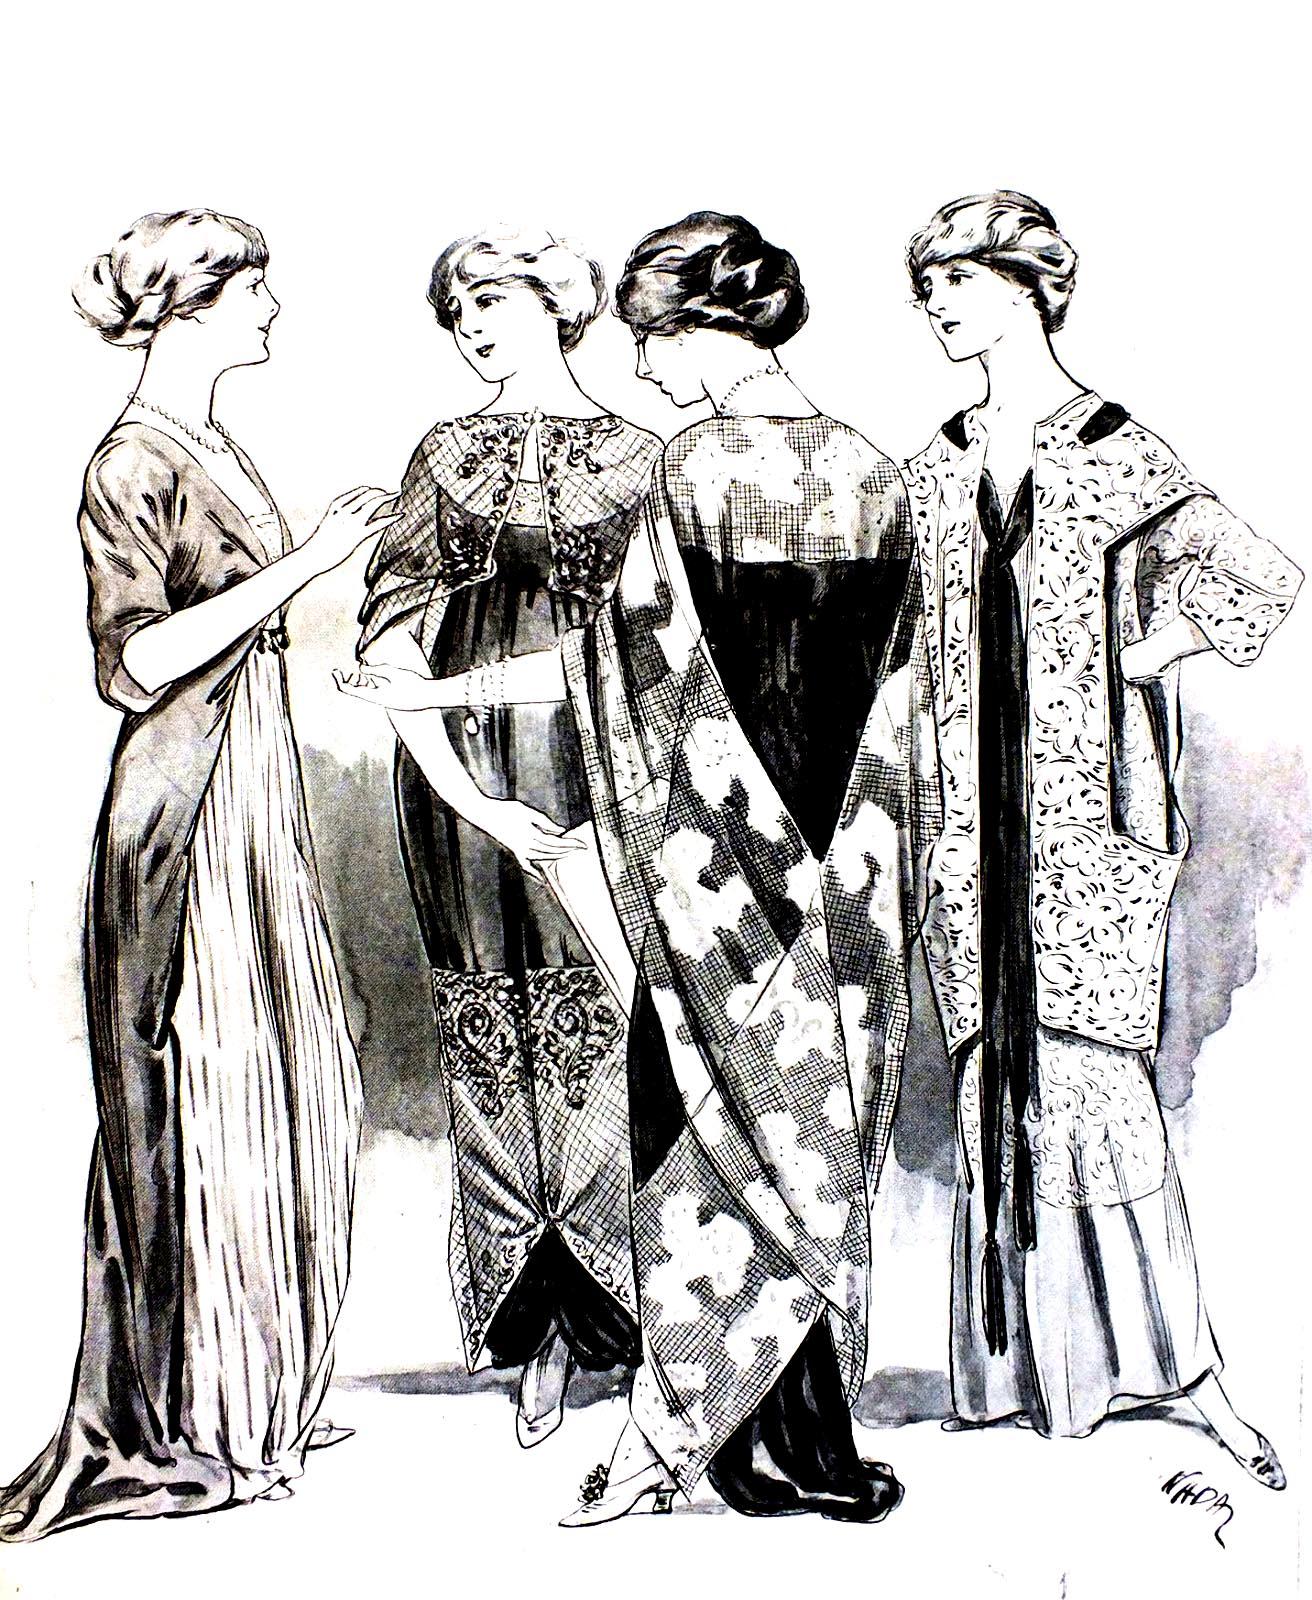 Disegni da colorare per adulti : Moda e abbigliamento - 11